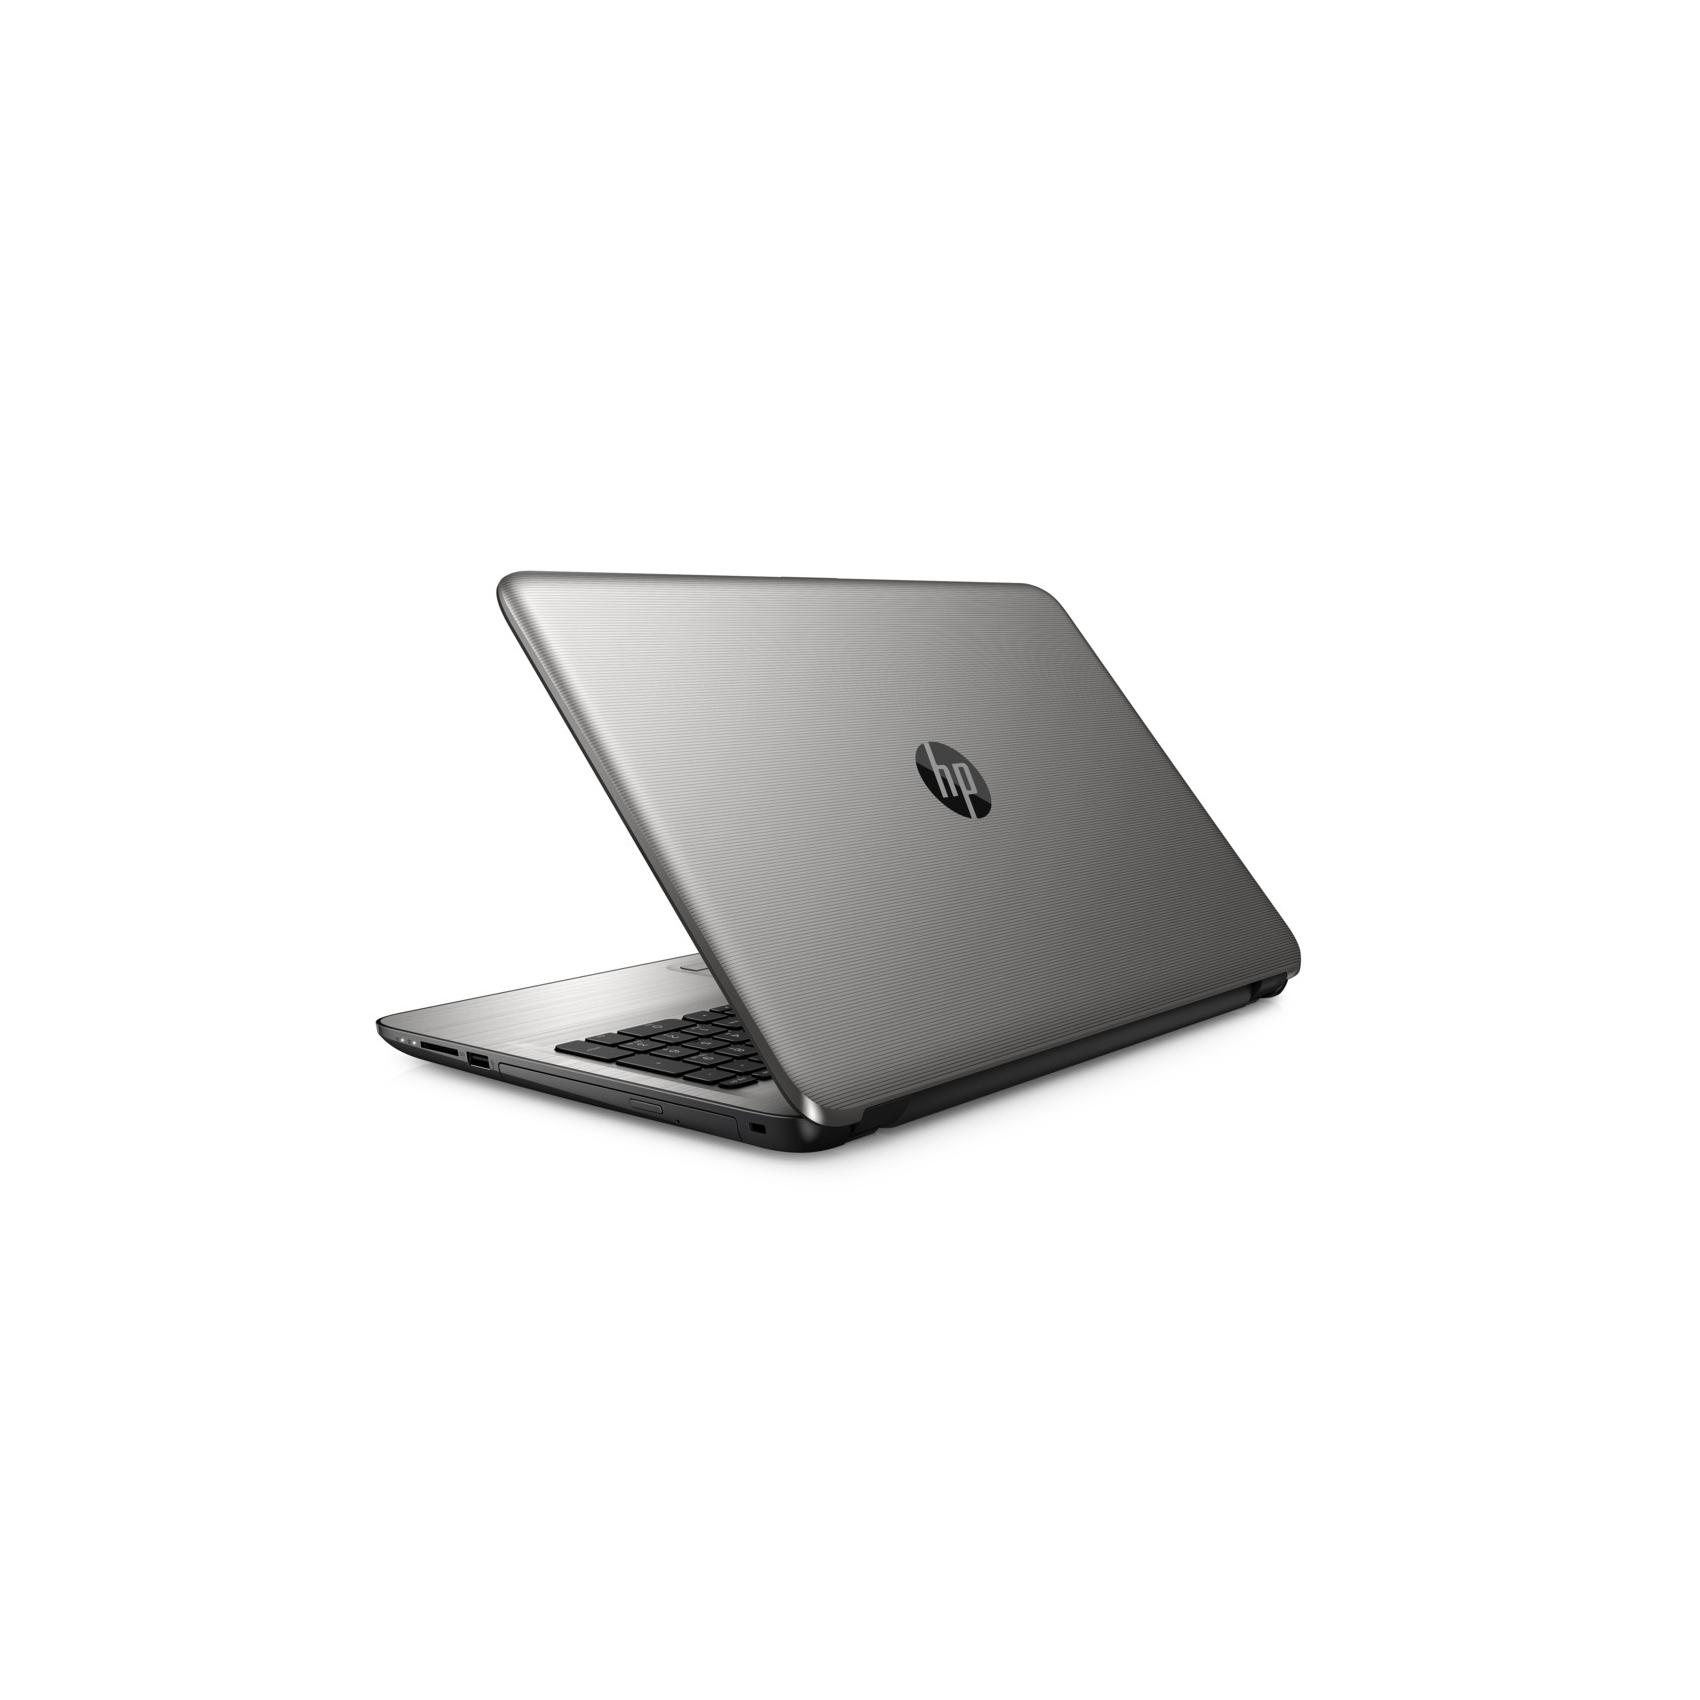 Jual Laptop HP 15-ba004ax | Tokopedia